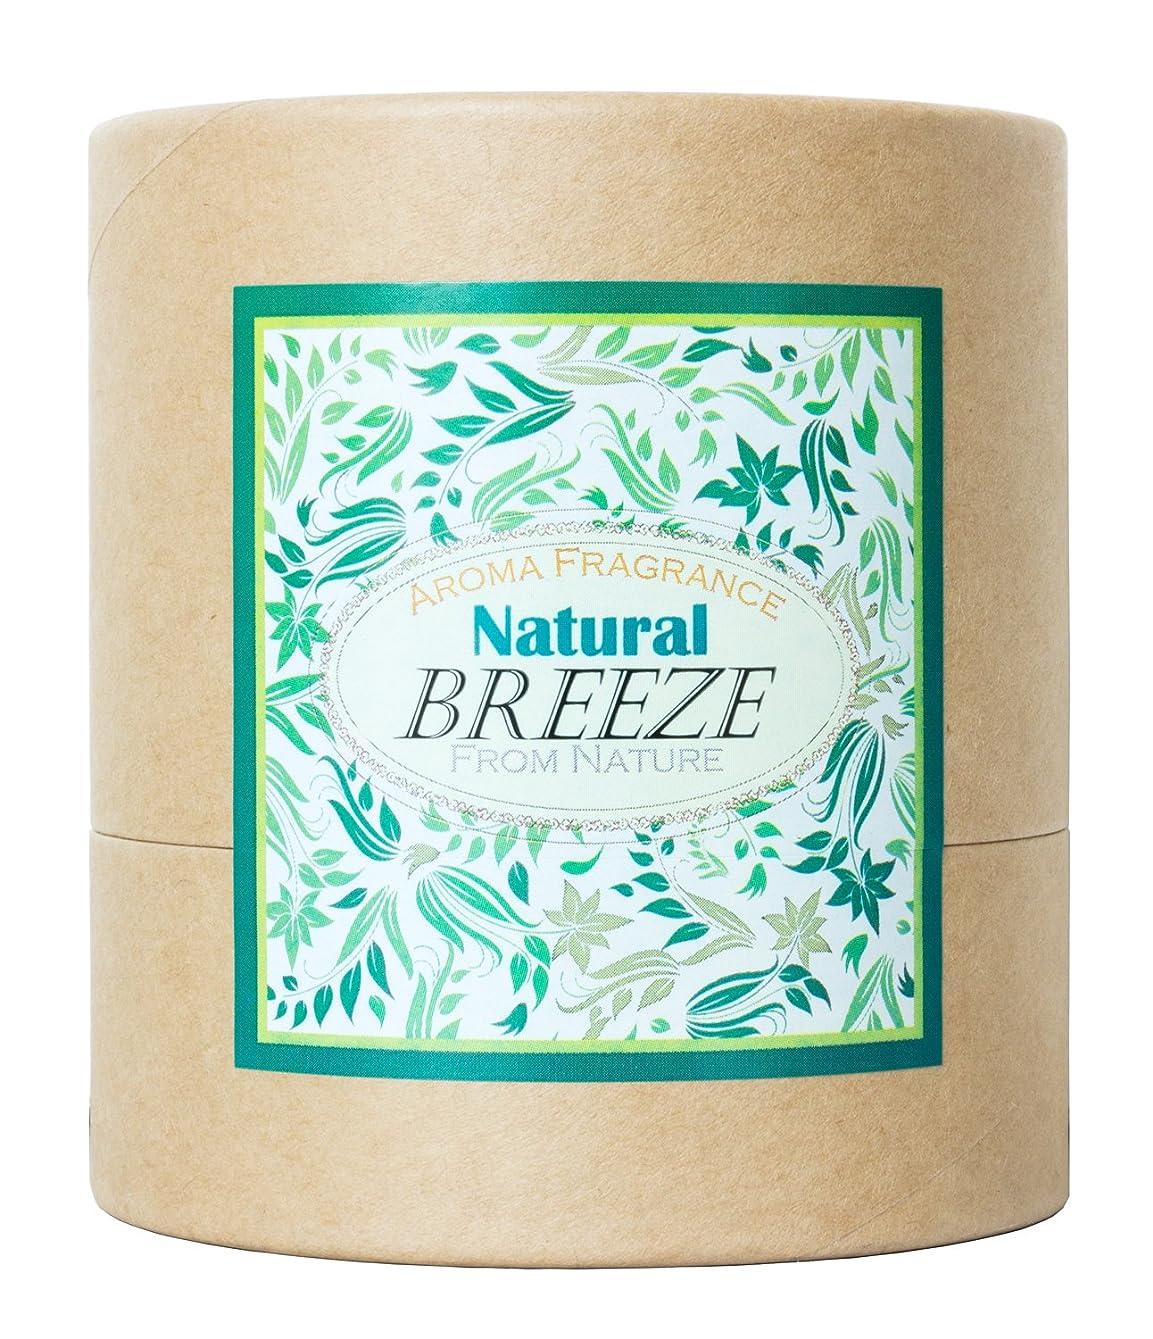 切り離すこしょうフェローシップAROMA FRAGRANCE Natural BREEZE 自然の香り WRVC-720